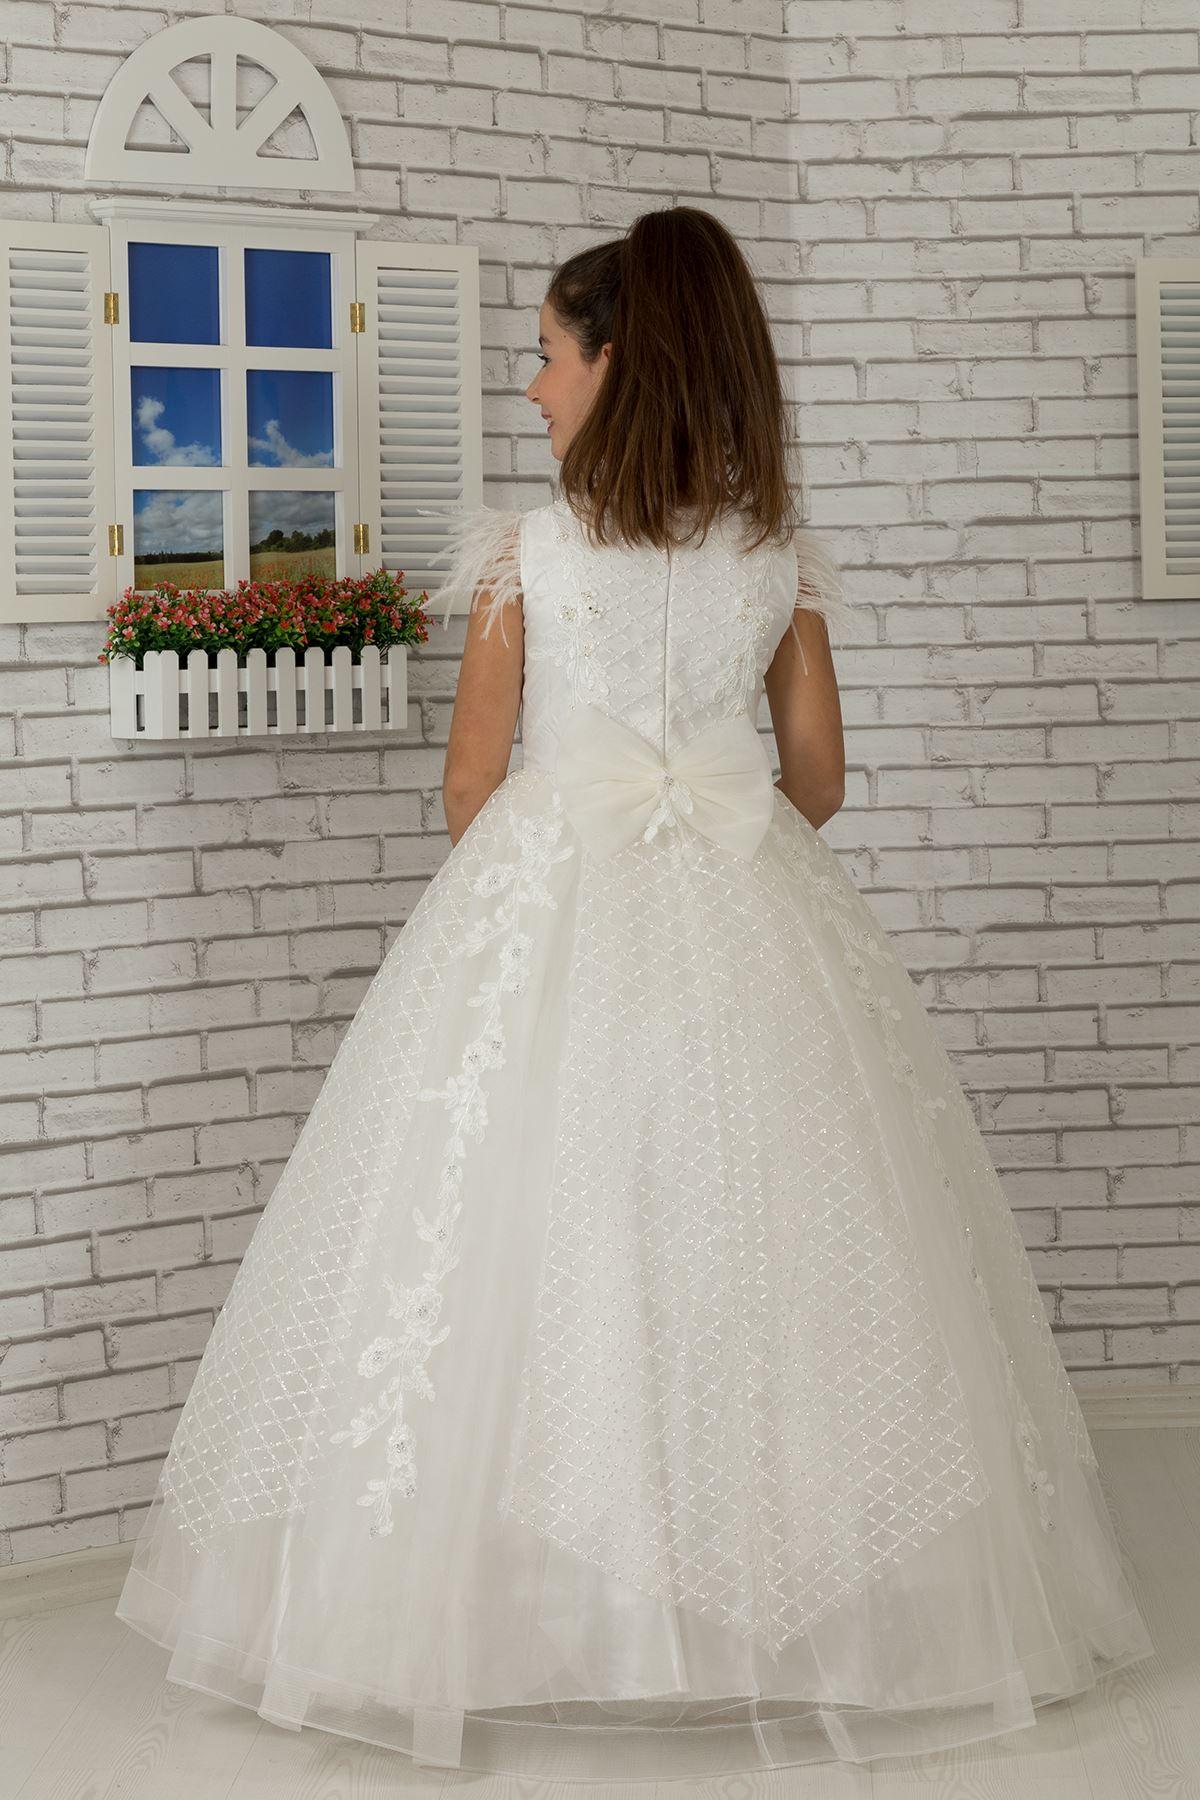 Пухкава вечерна рокля на момиче с перо на рамото, апликация и сребърен тюл 603 крем